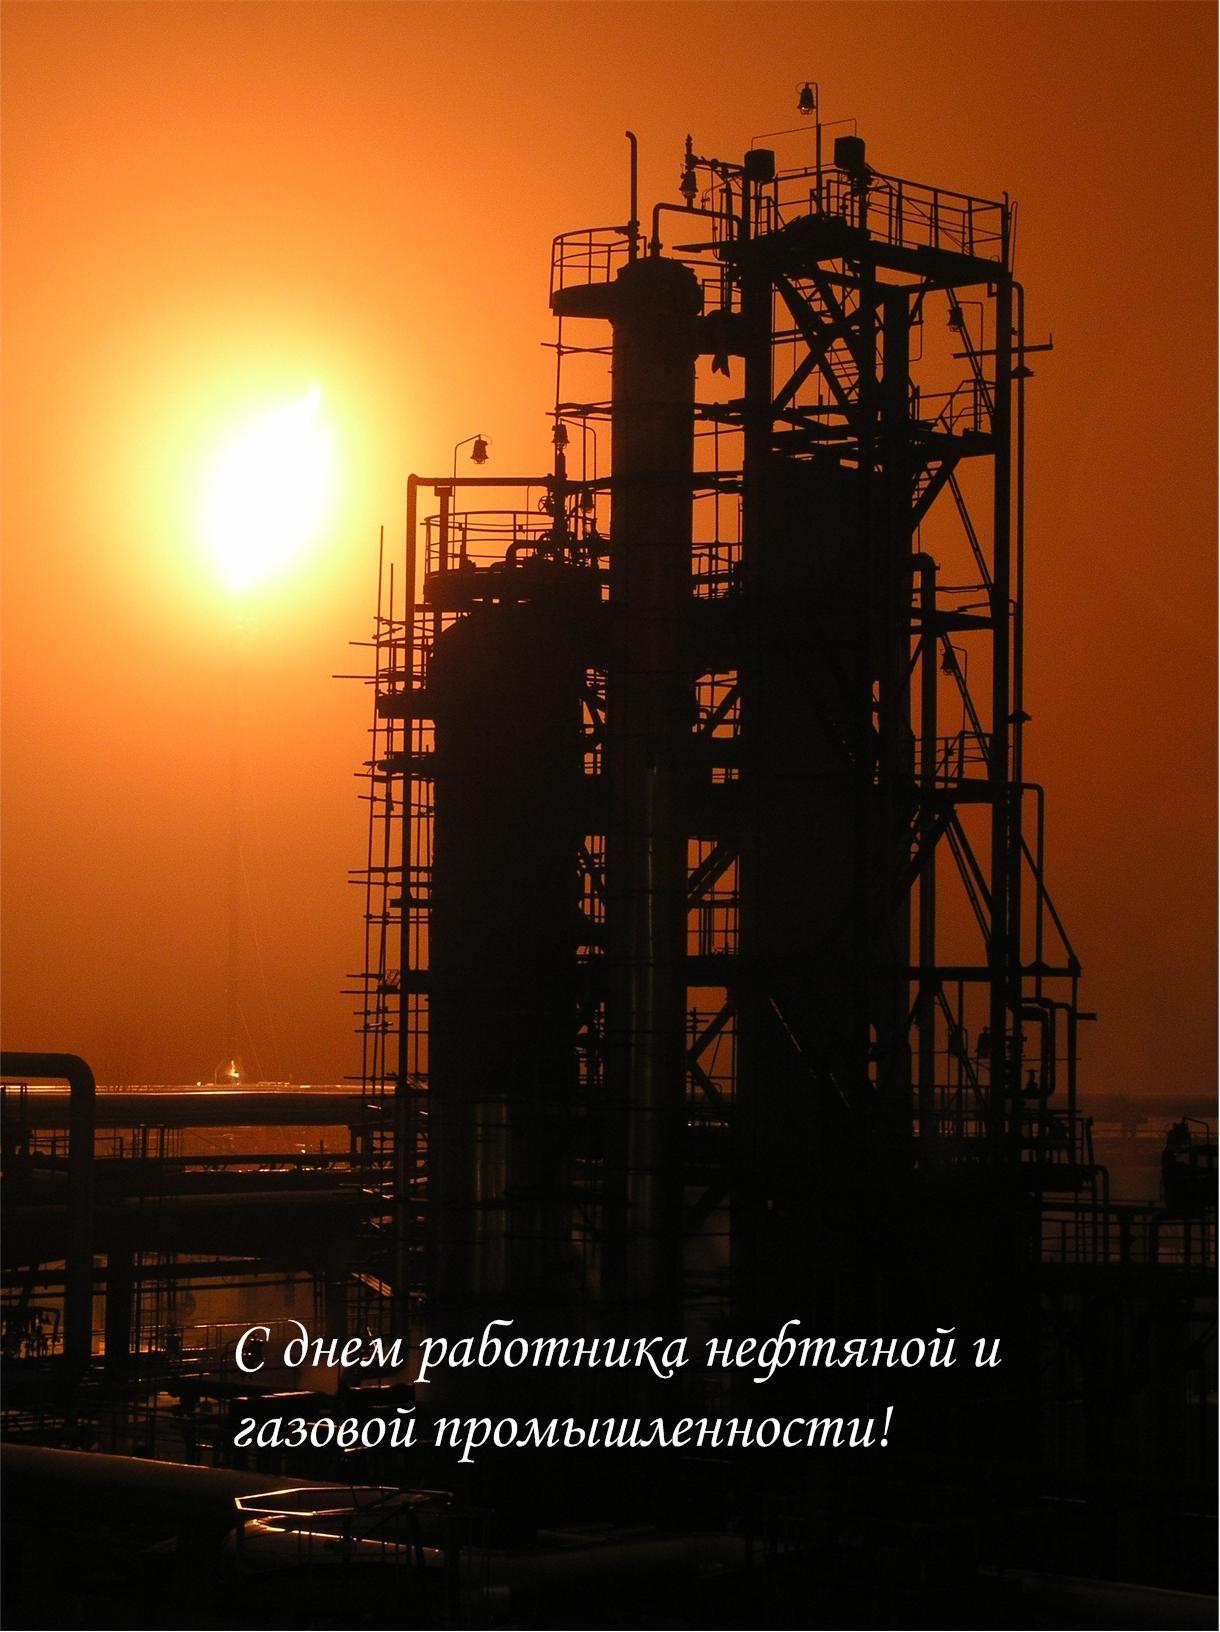 тонкий слой открытка к дню нефтяника лукойл экология управлению муниципальной